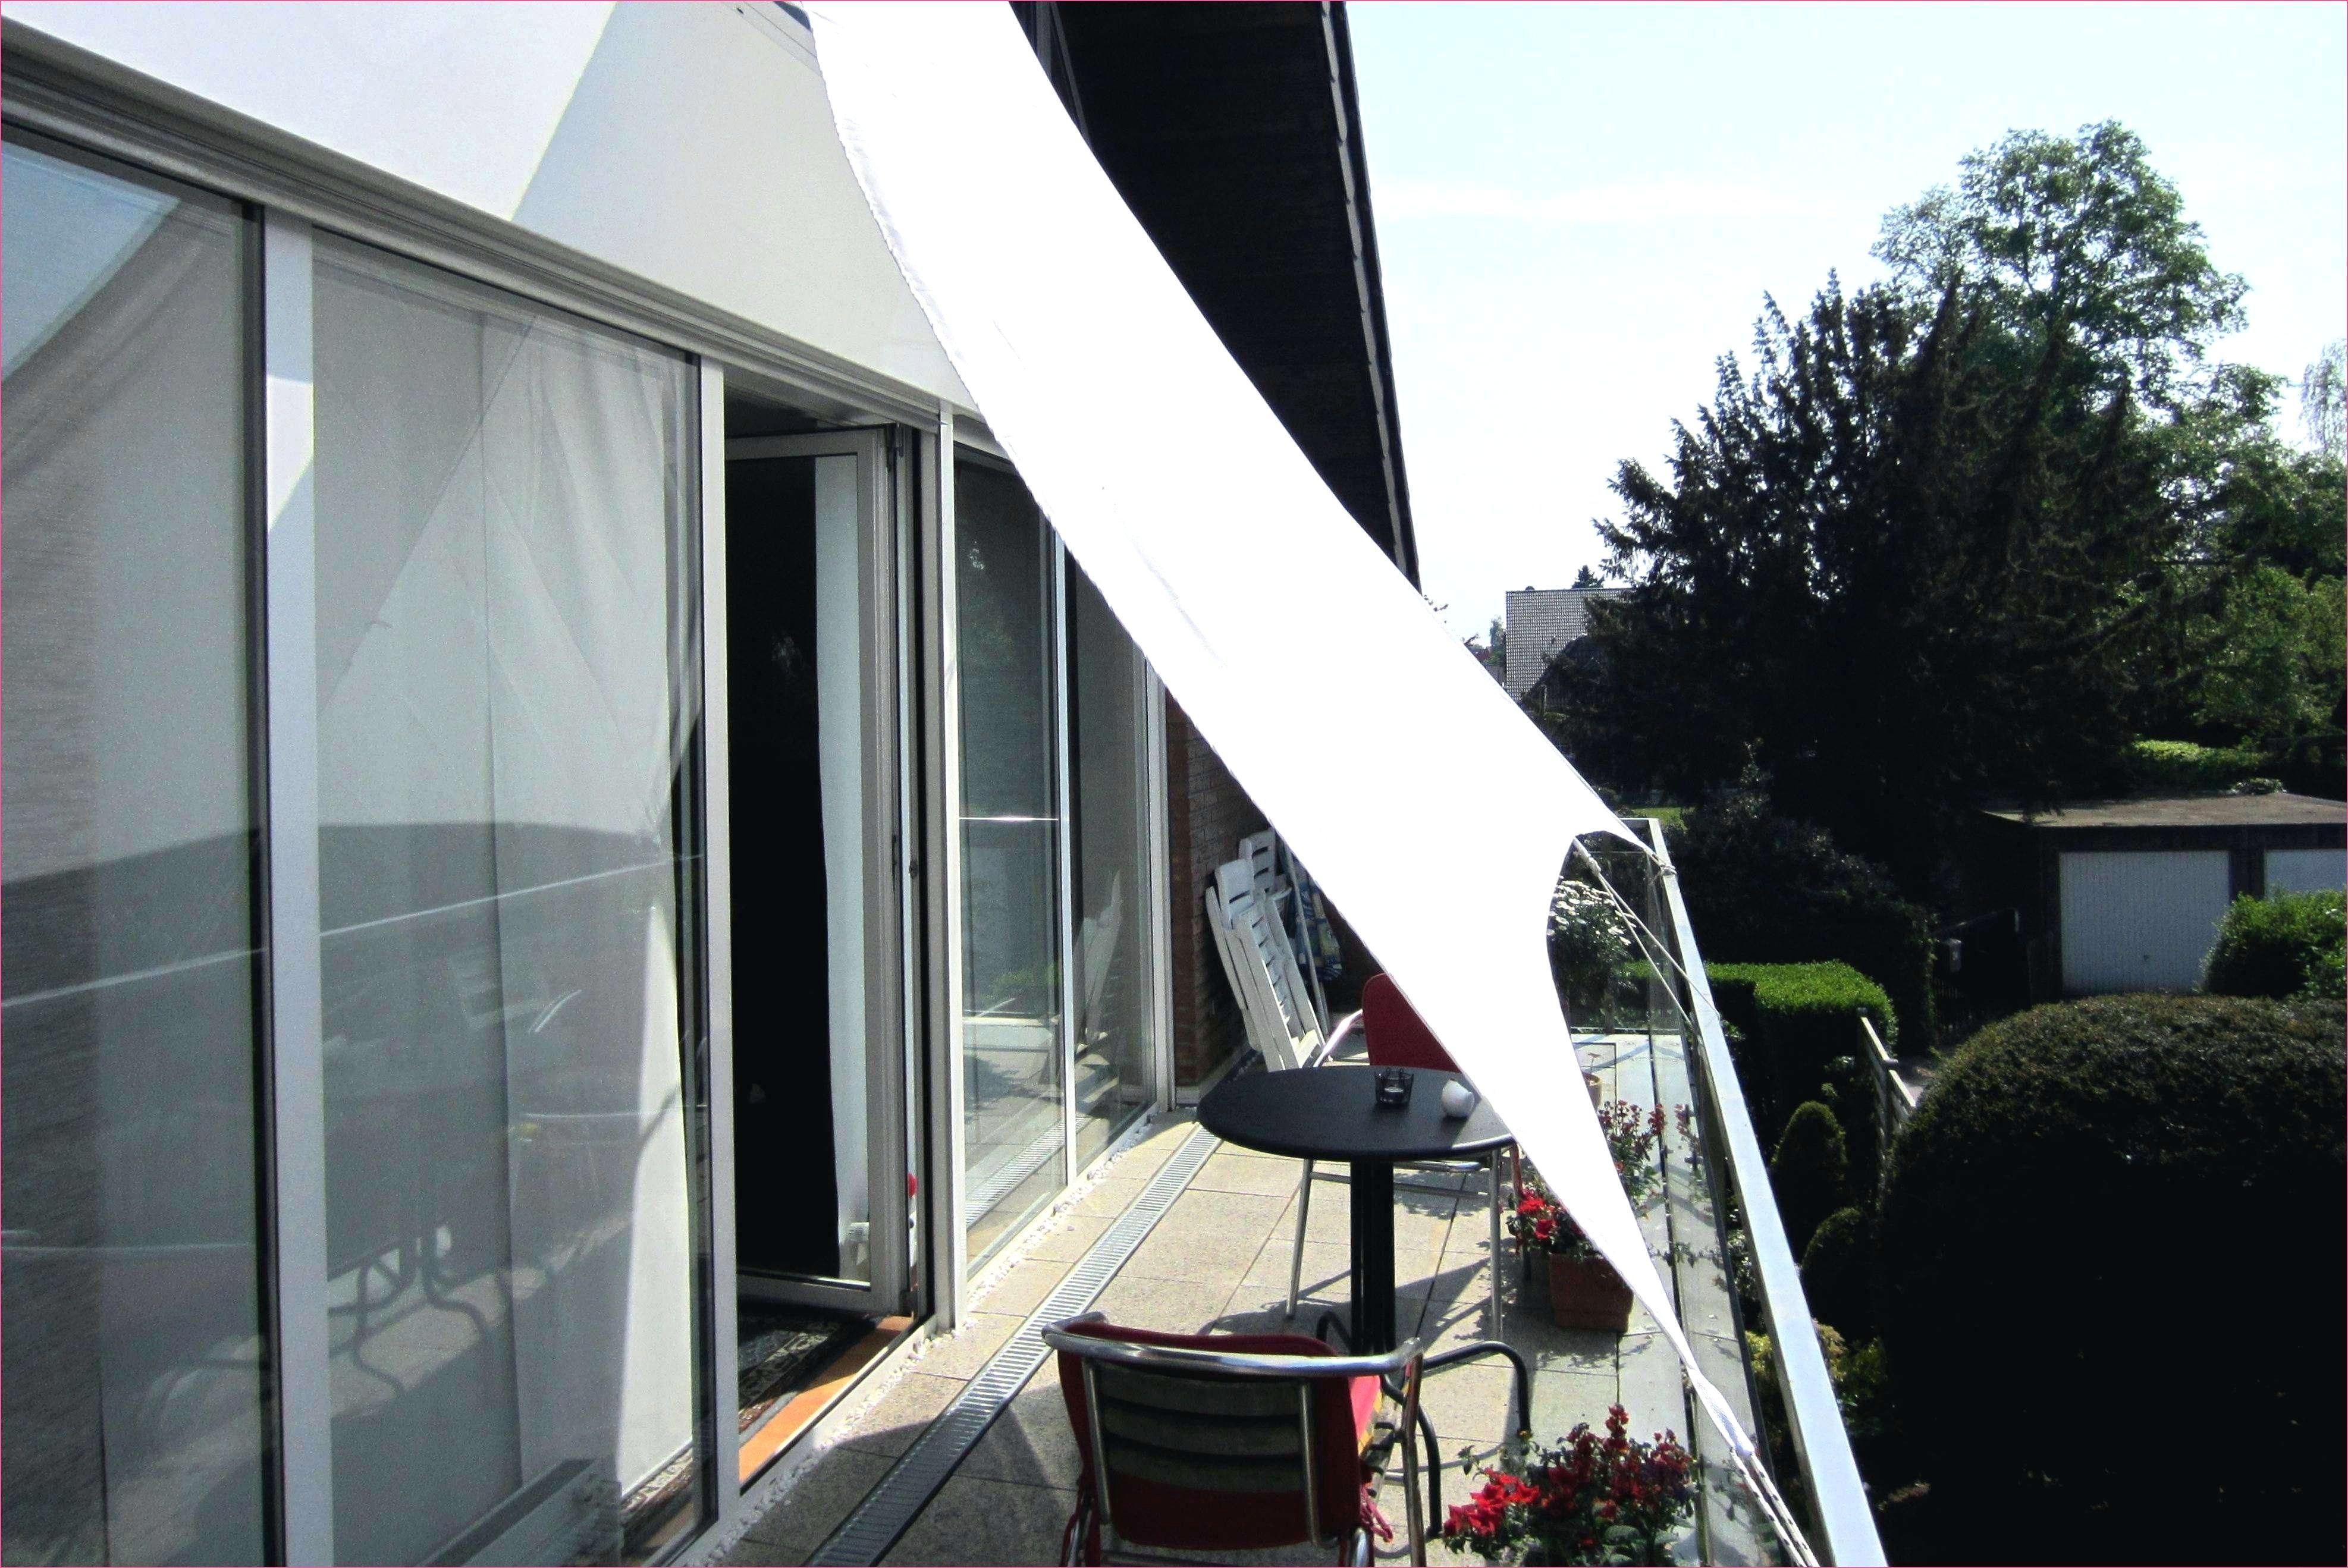 Balkon Sichtschutz Seitlich Ohne Bohren Sichtschutzfurbalkon